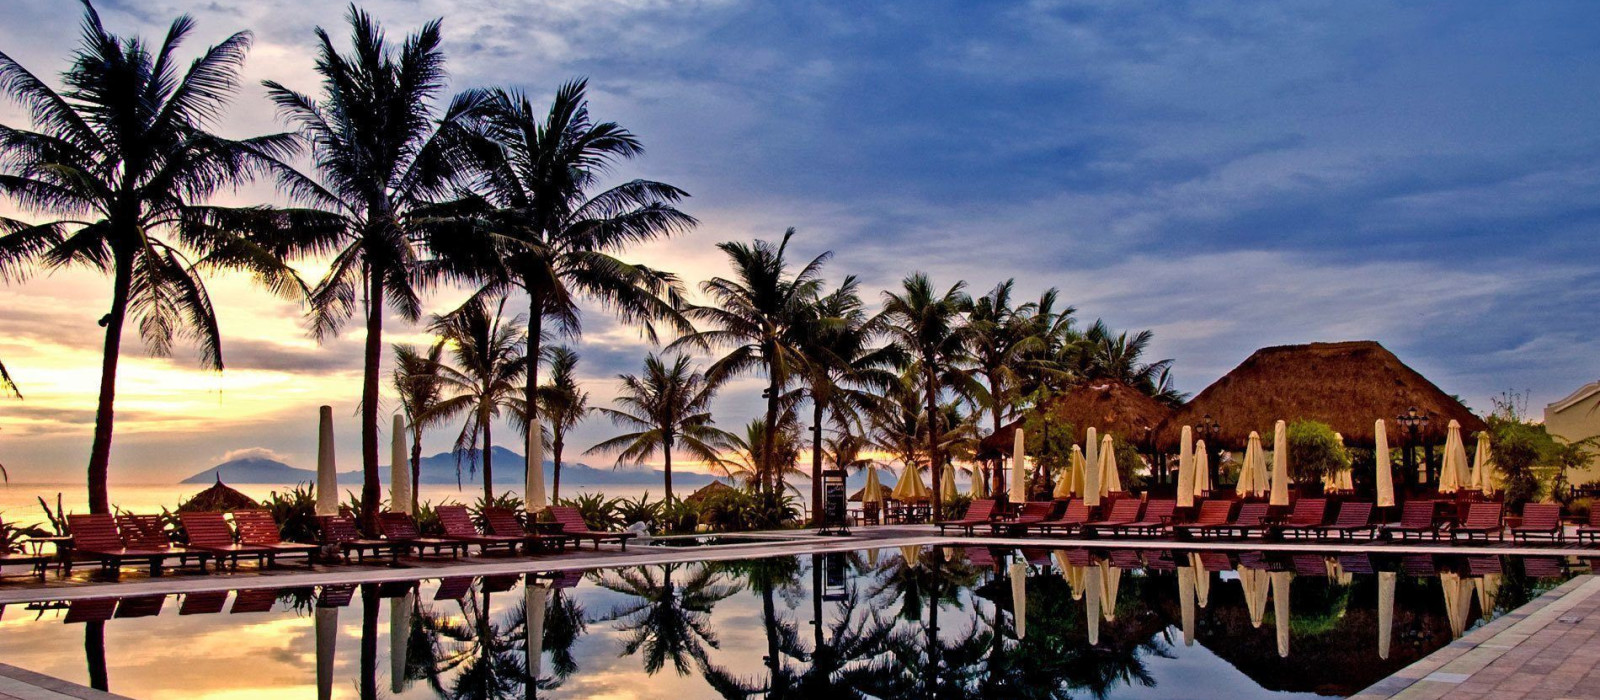 Hotel Victoria Beach Resort Vietnam